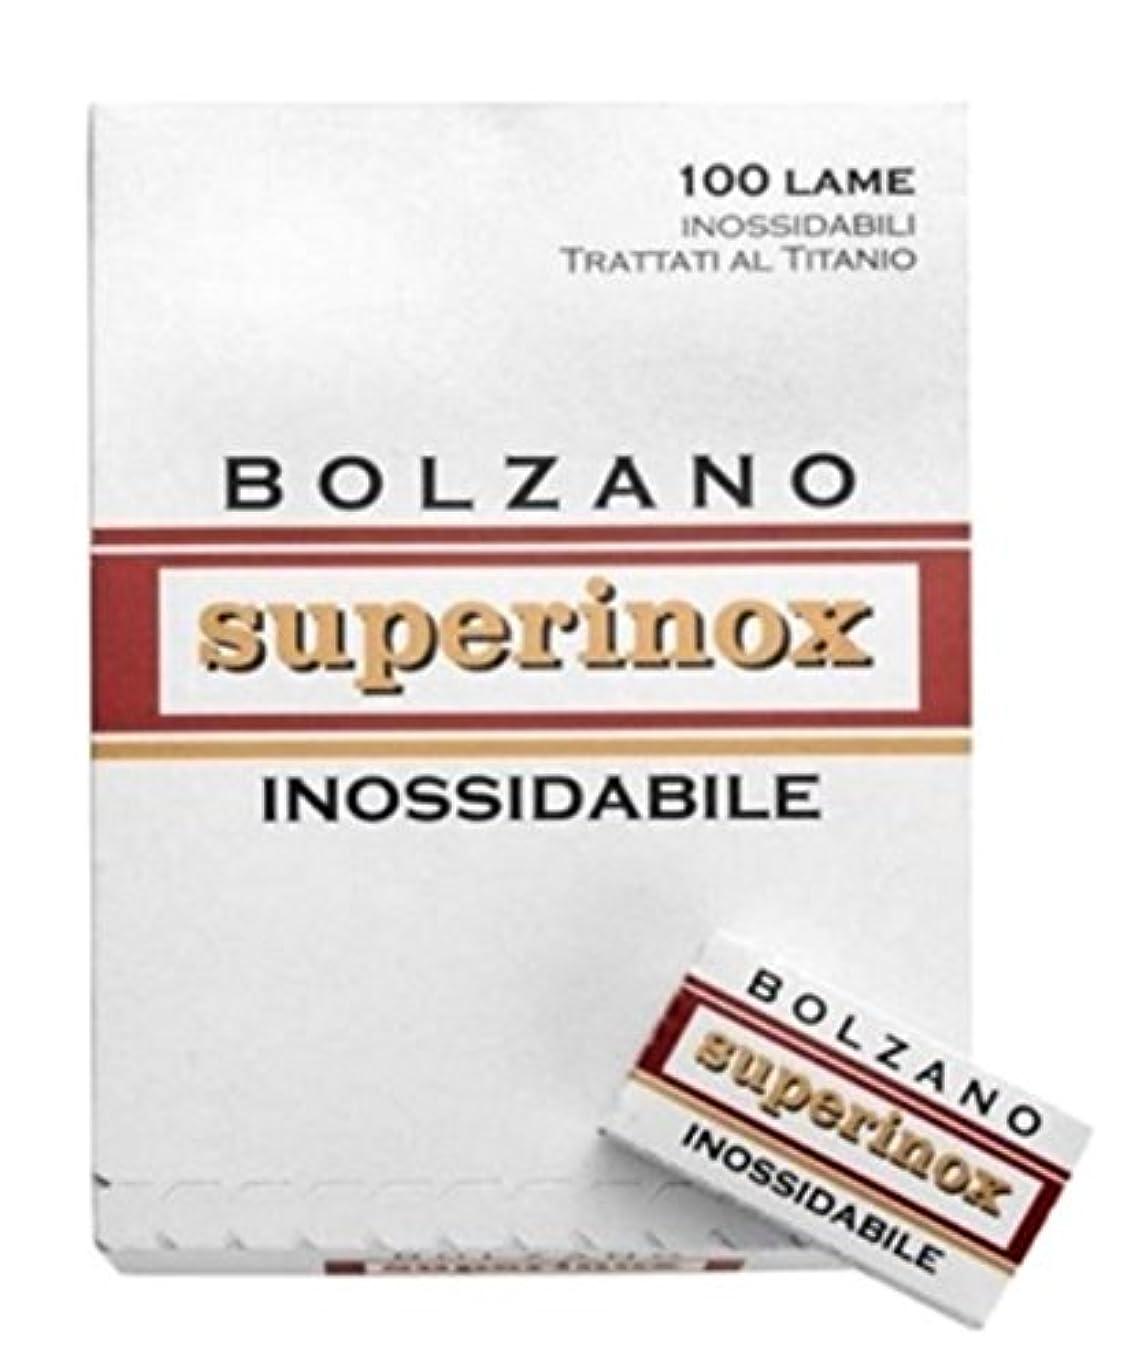 谷問い合わせ誰でもBolzano Superinox Inossidabile 両刃替刃 100枚入り(5枚入り20 個セット)【並行輸入品】